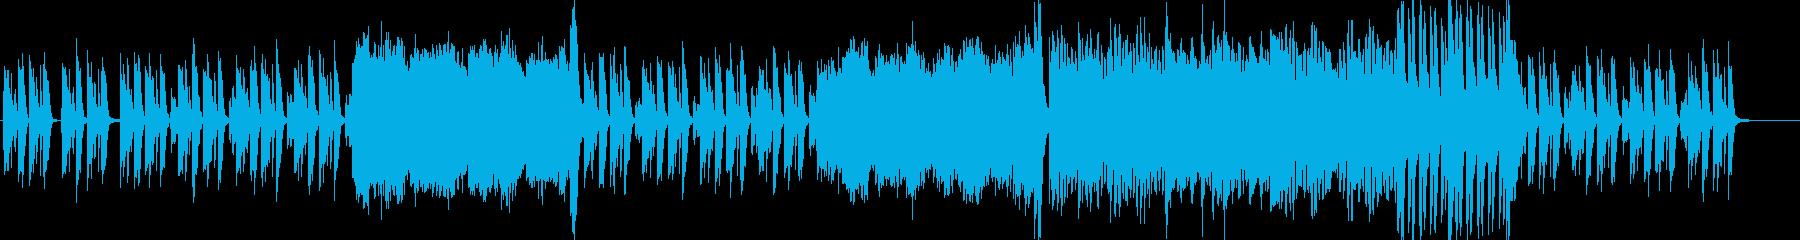 不思議な空気感のピアノの再生済みの波形